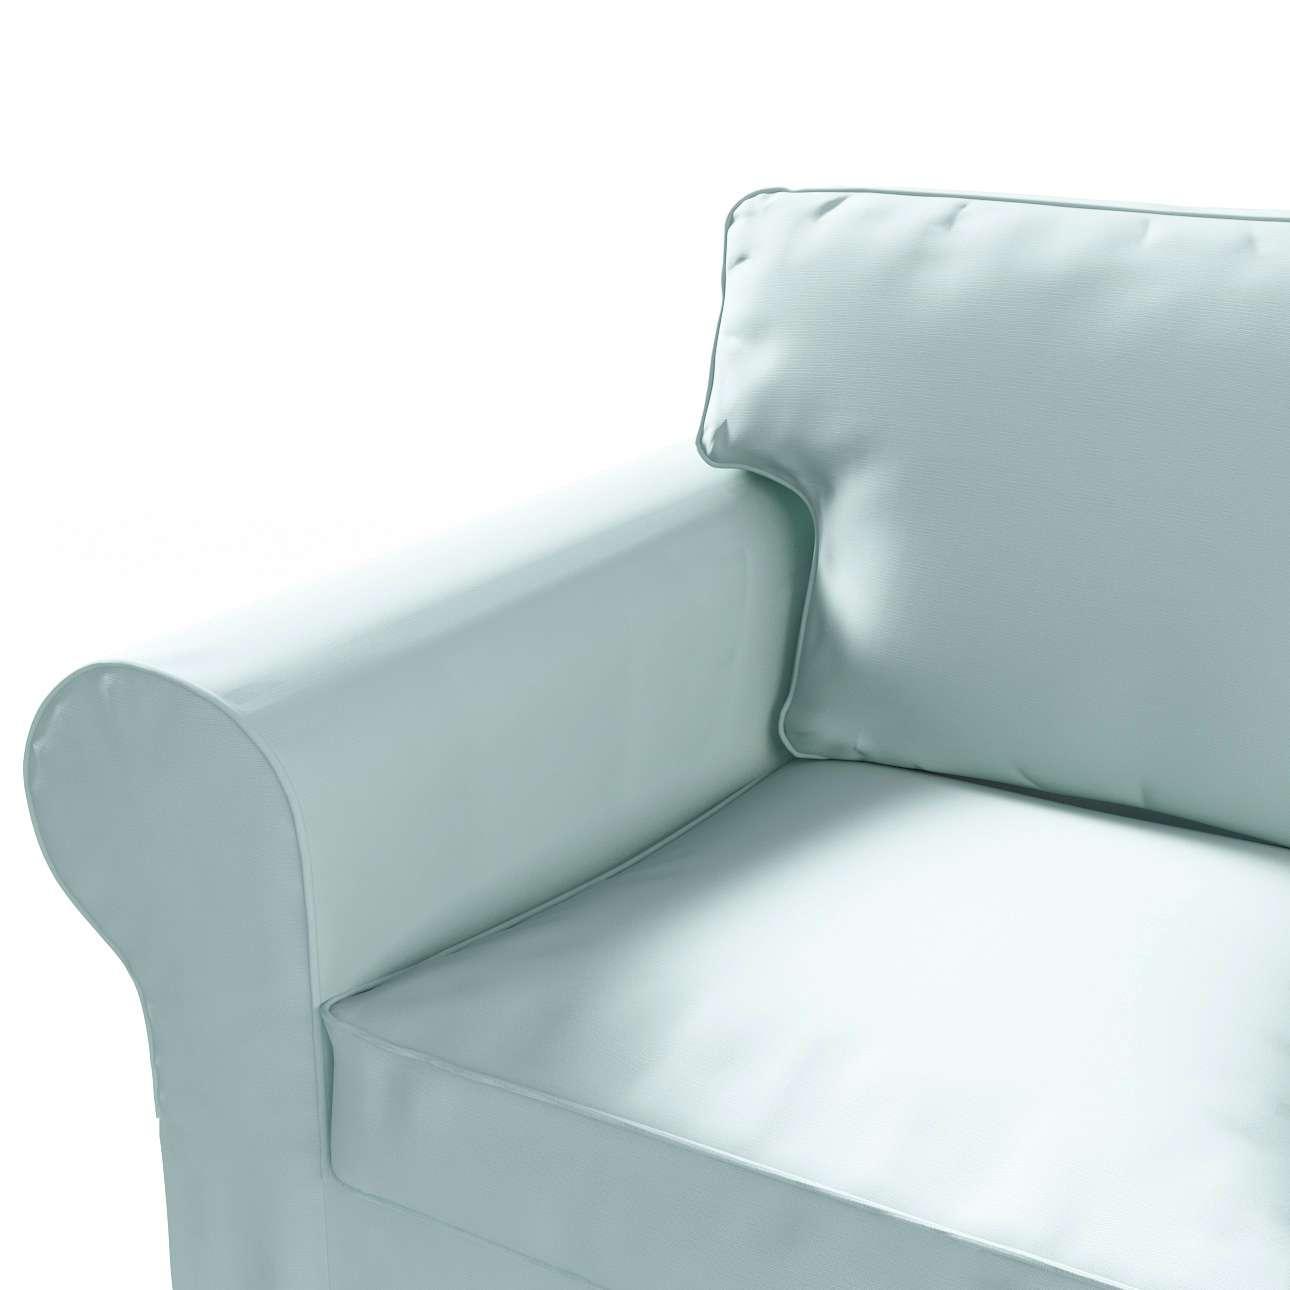 Ektorp 3-Sitzer Schlafsofabezug neues Modell (2013) von der Kollektion Cotton Panama, Stoff: 702-10